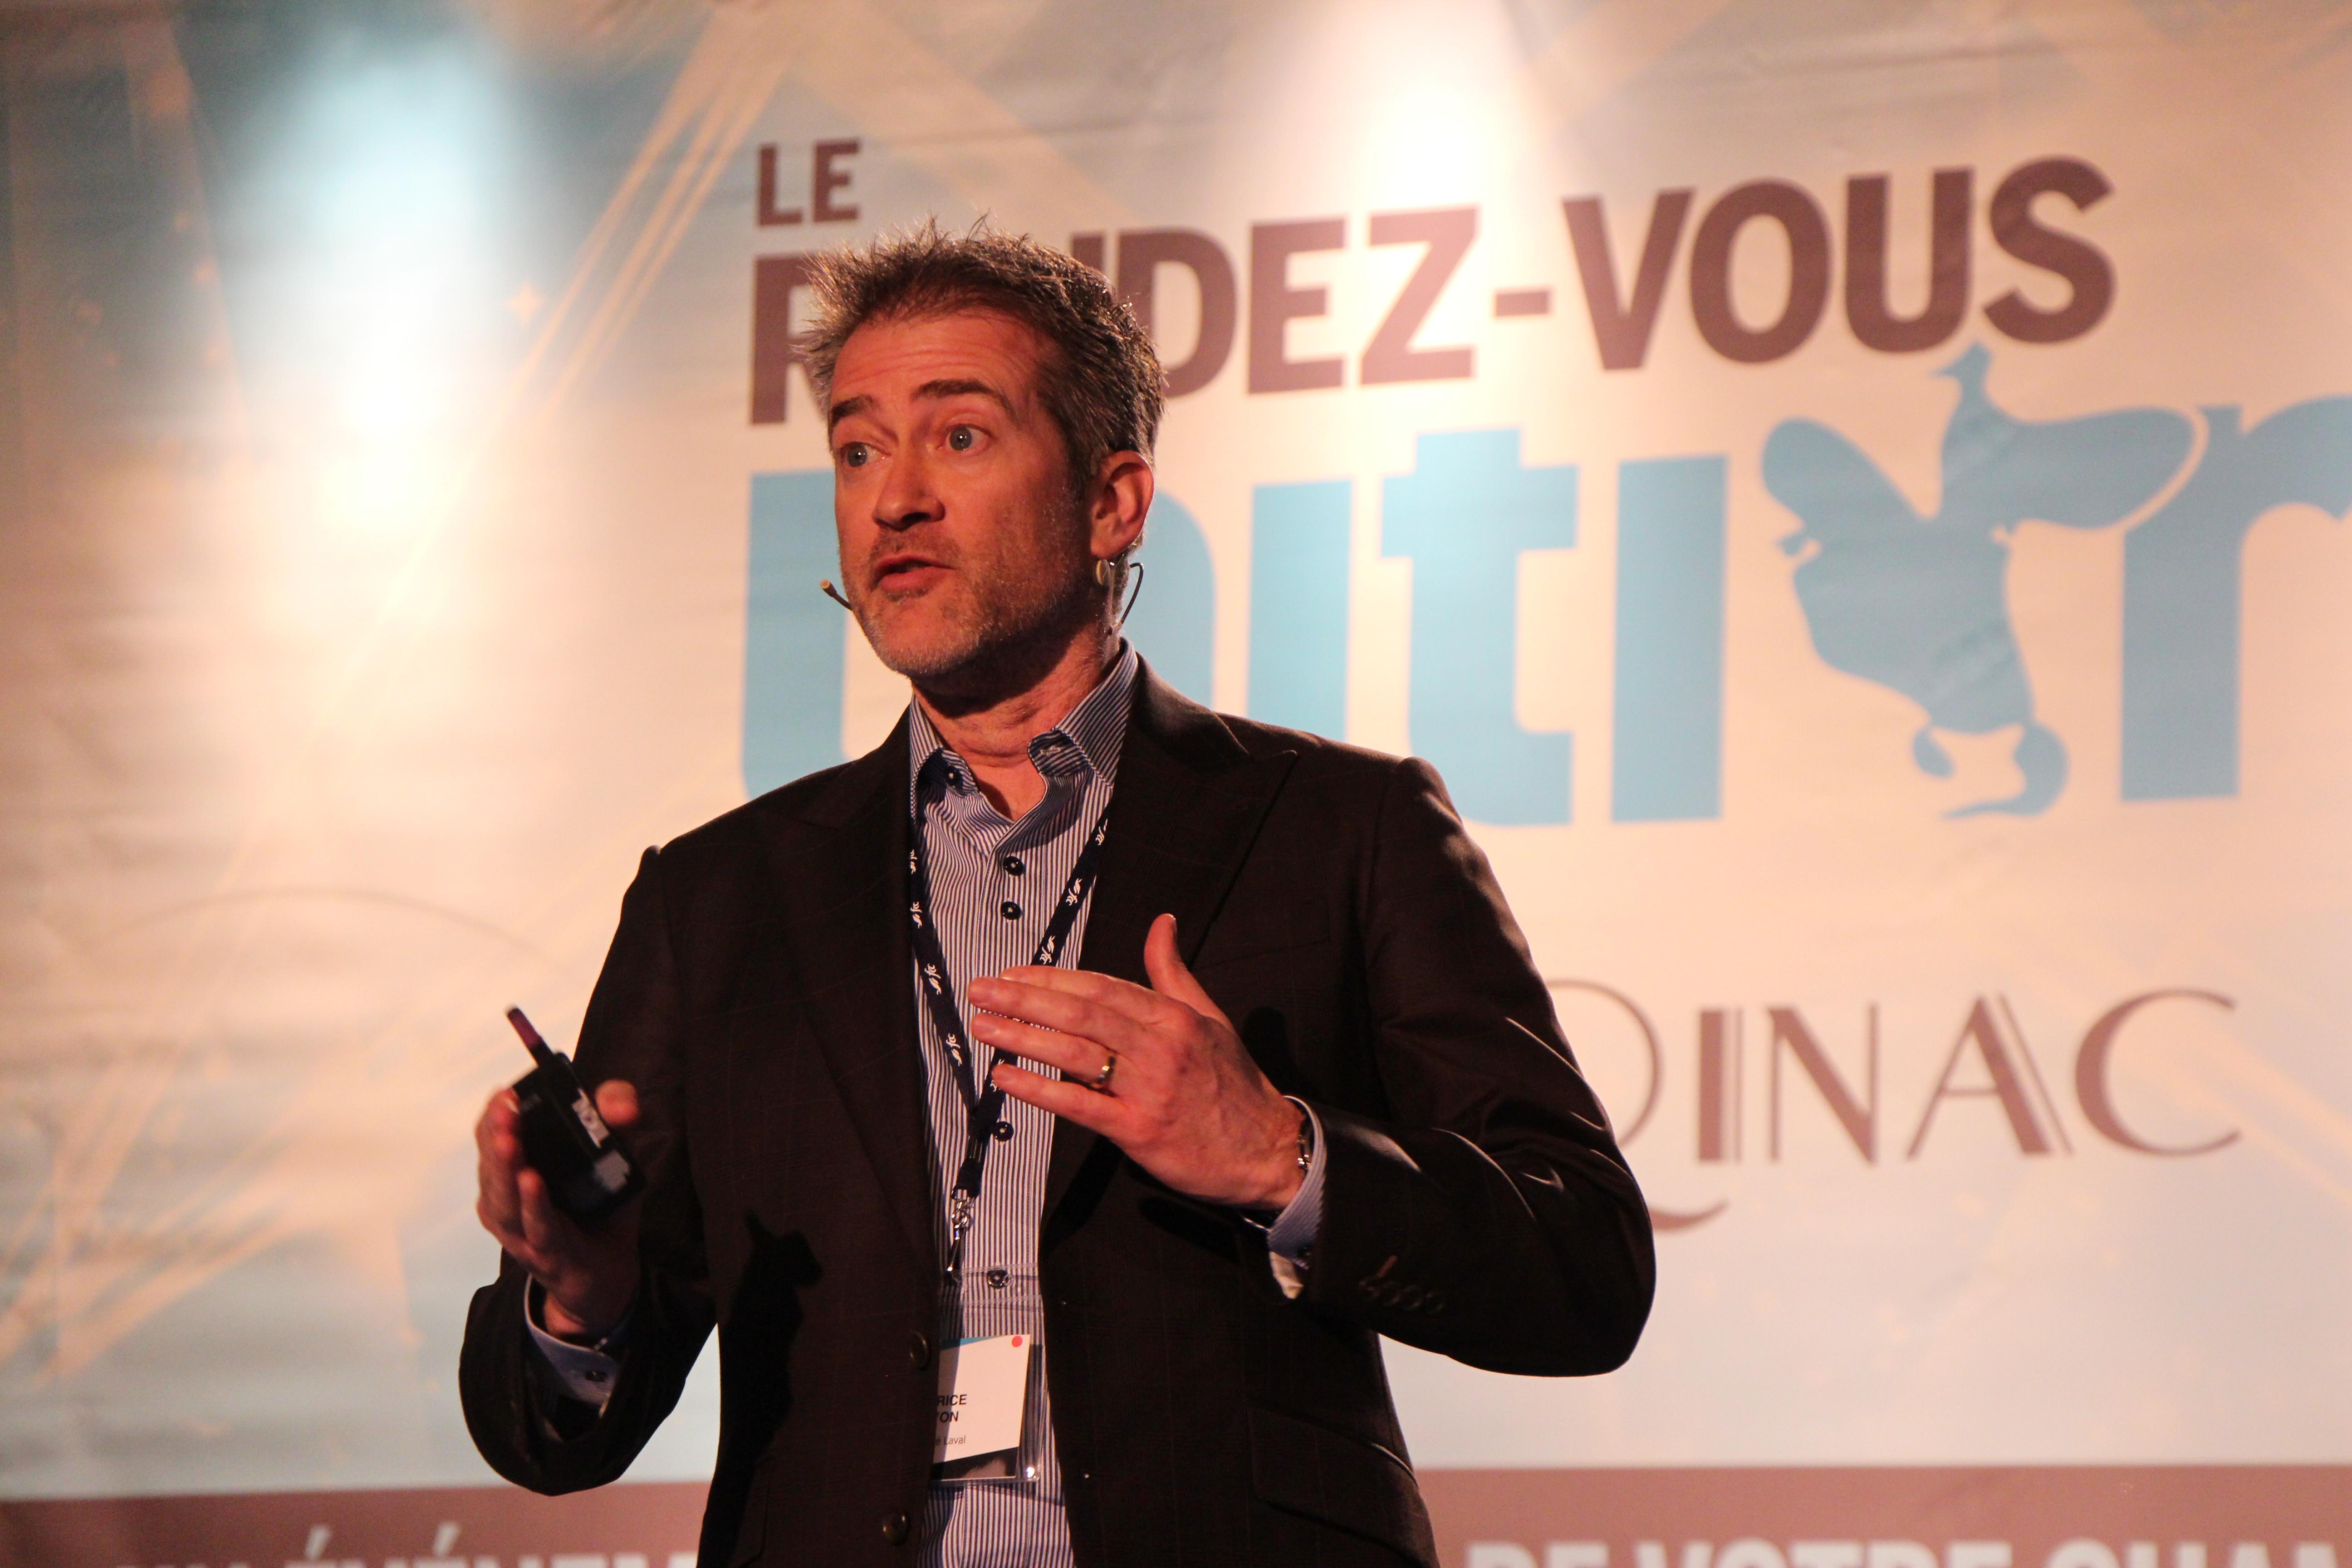 Maurice Doyon, agroéconomiste et professeur à l'Université Laval, croit que les Américains vont réclamer un accès au marché canadien équivalent au pourcentage négocié dans le cadre du Partenariat transpacifique. Crédit photo : Pierre-Yvon Bégin/TCN